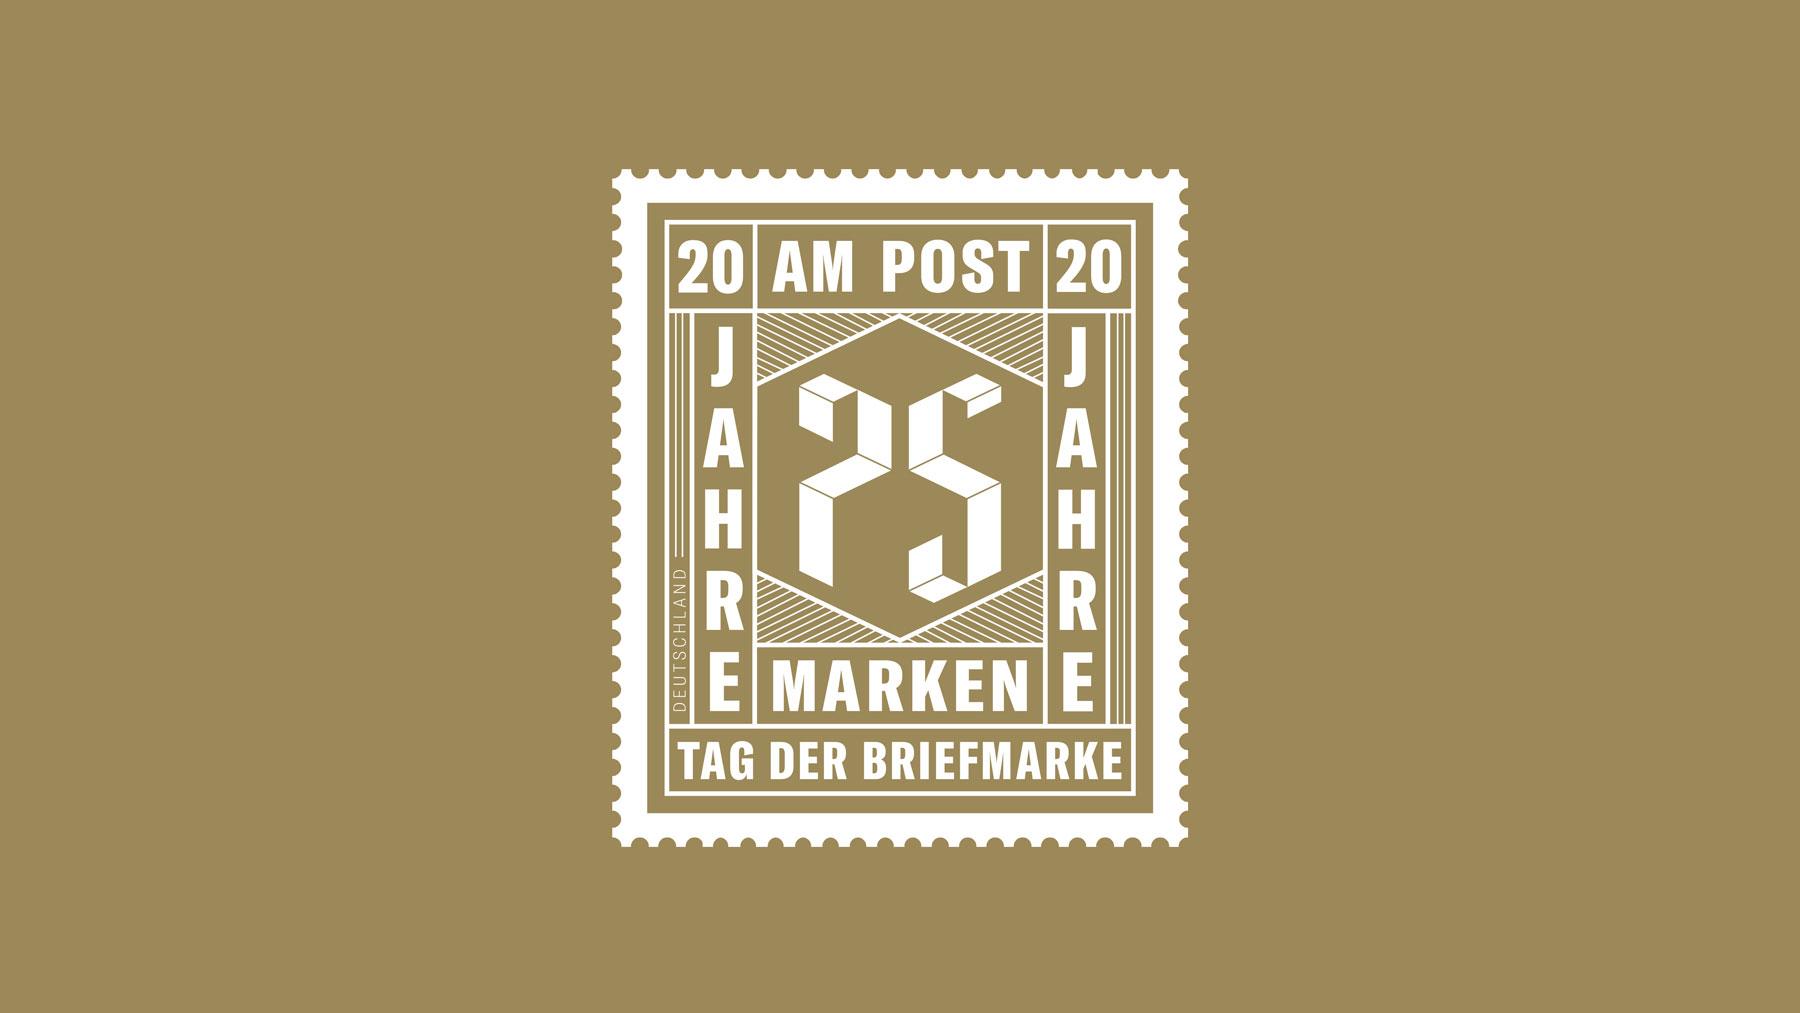 BMF_Alle_marken_2019-3_b